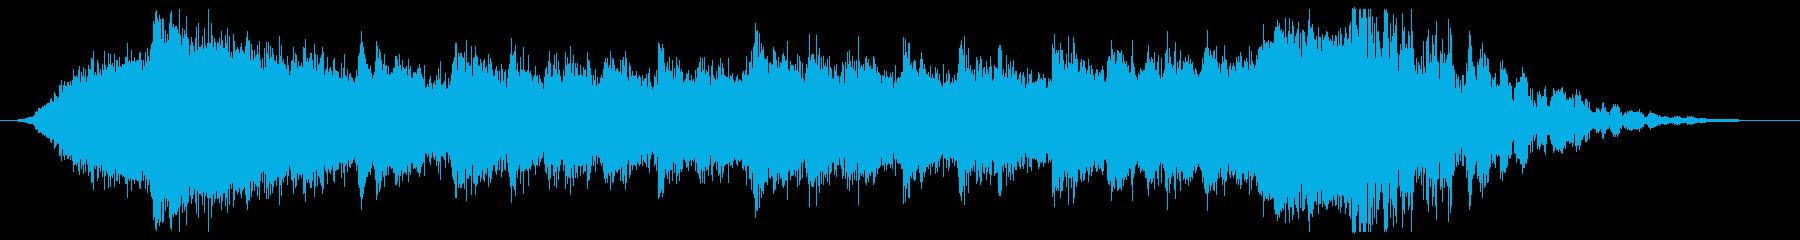 ワークアウト風のエピックサウンドロゴの再生済みの波形